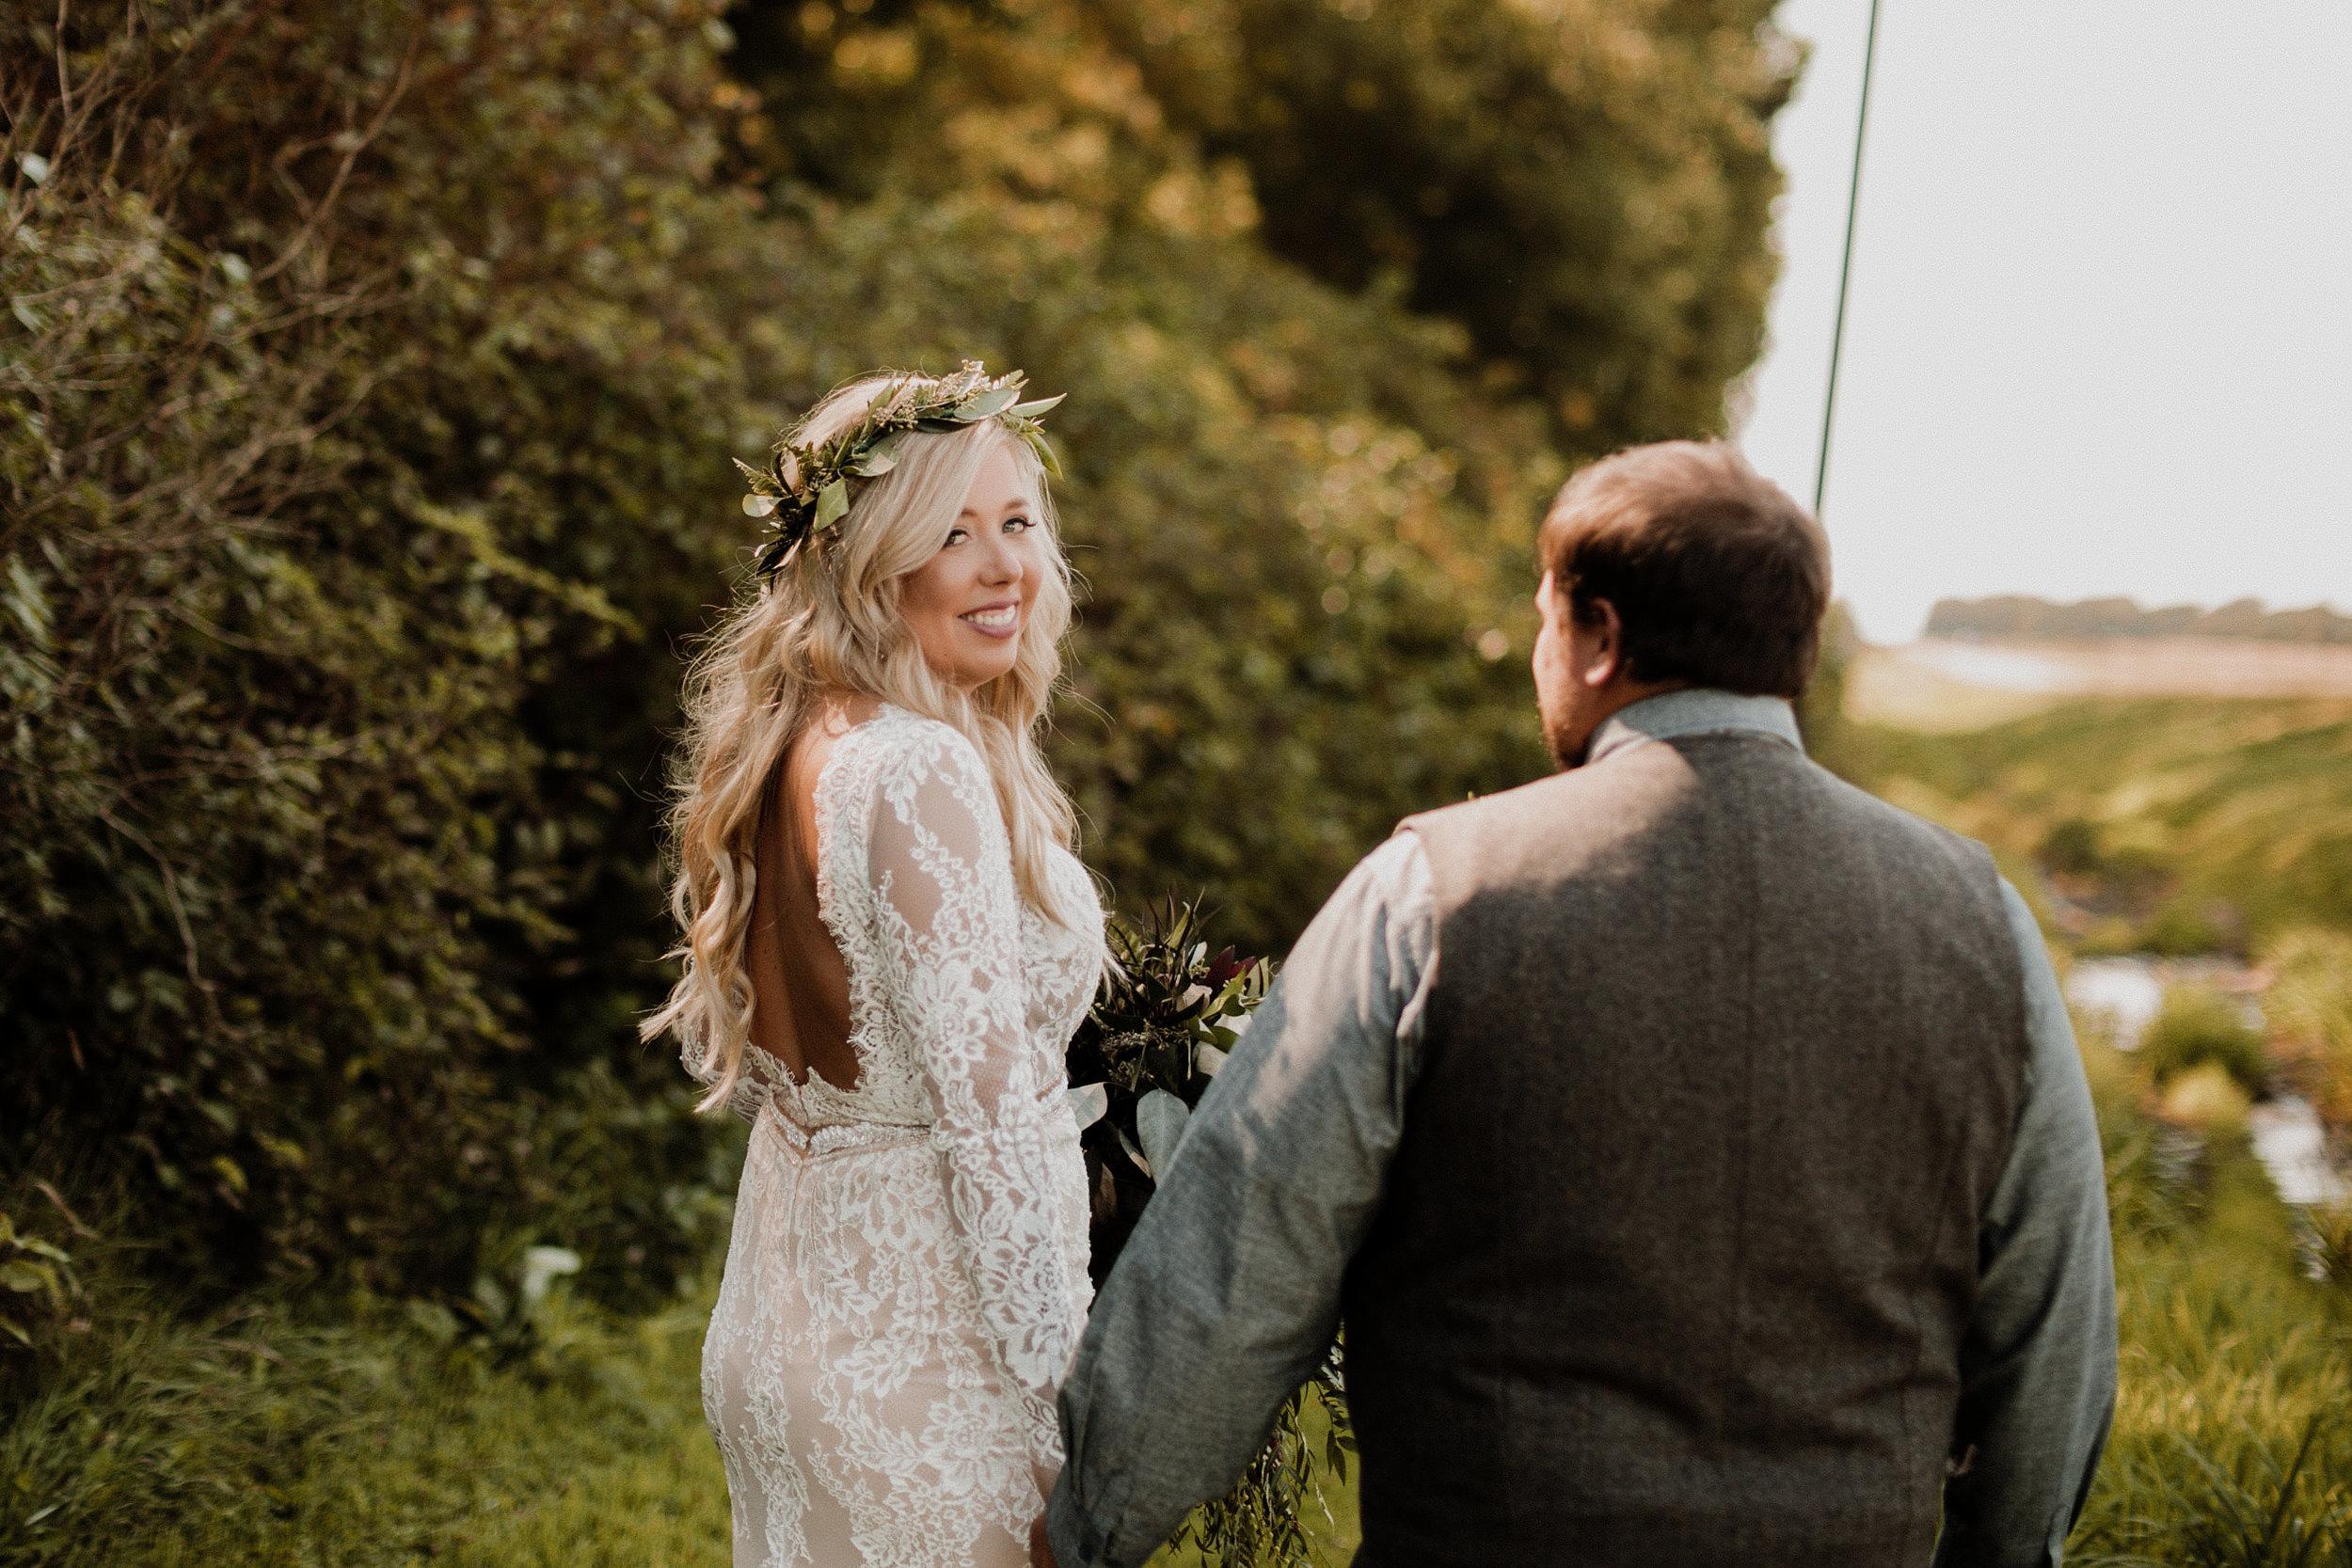 Skylar+Brock_Wedding_TonyaHjortPhotography-352.jpg